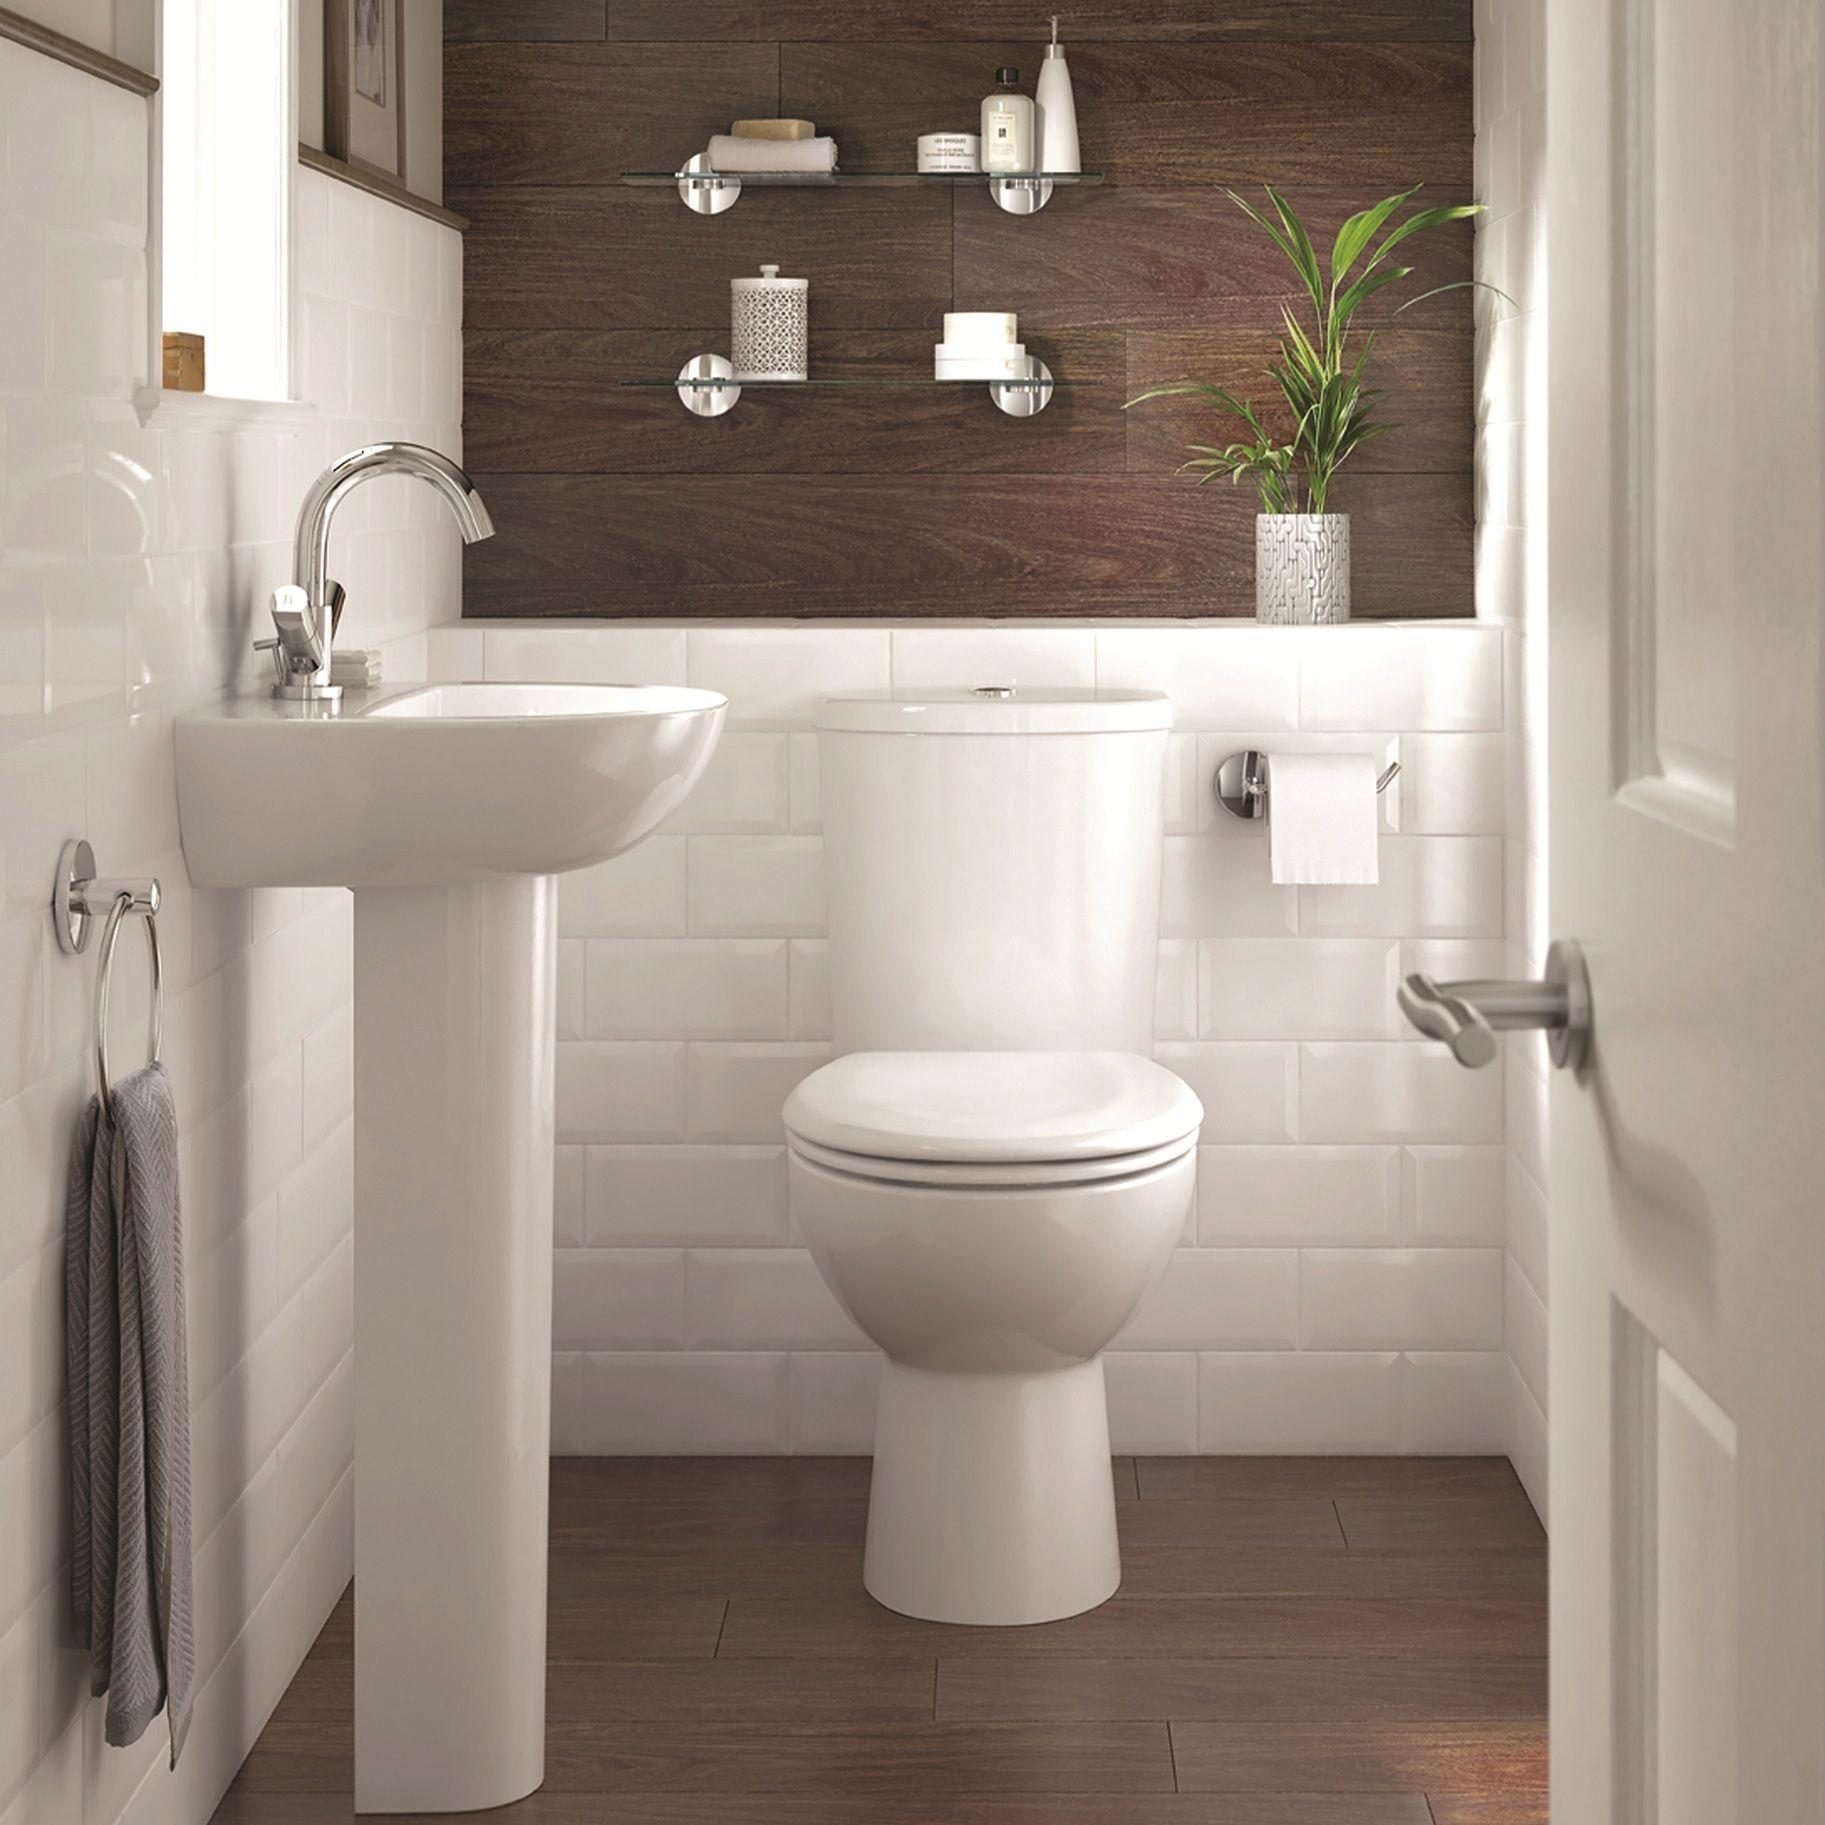 Bathroom Suites Kitchen Bathroom Fittings Fixtures For Sale Online Uk City Plumbing Supplies